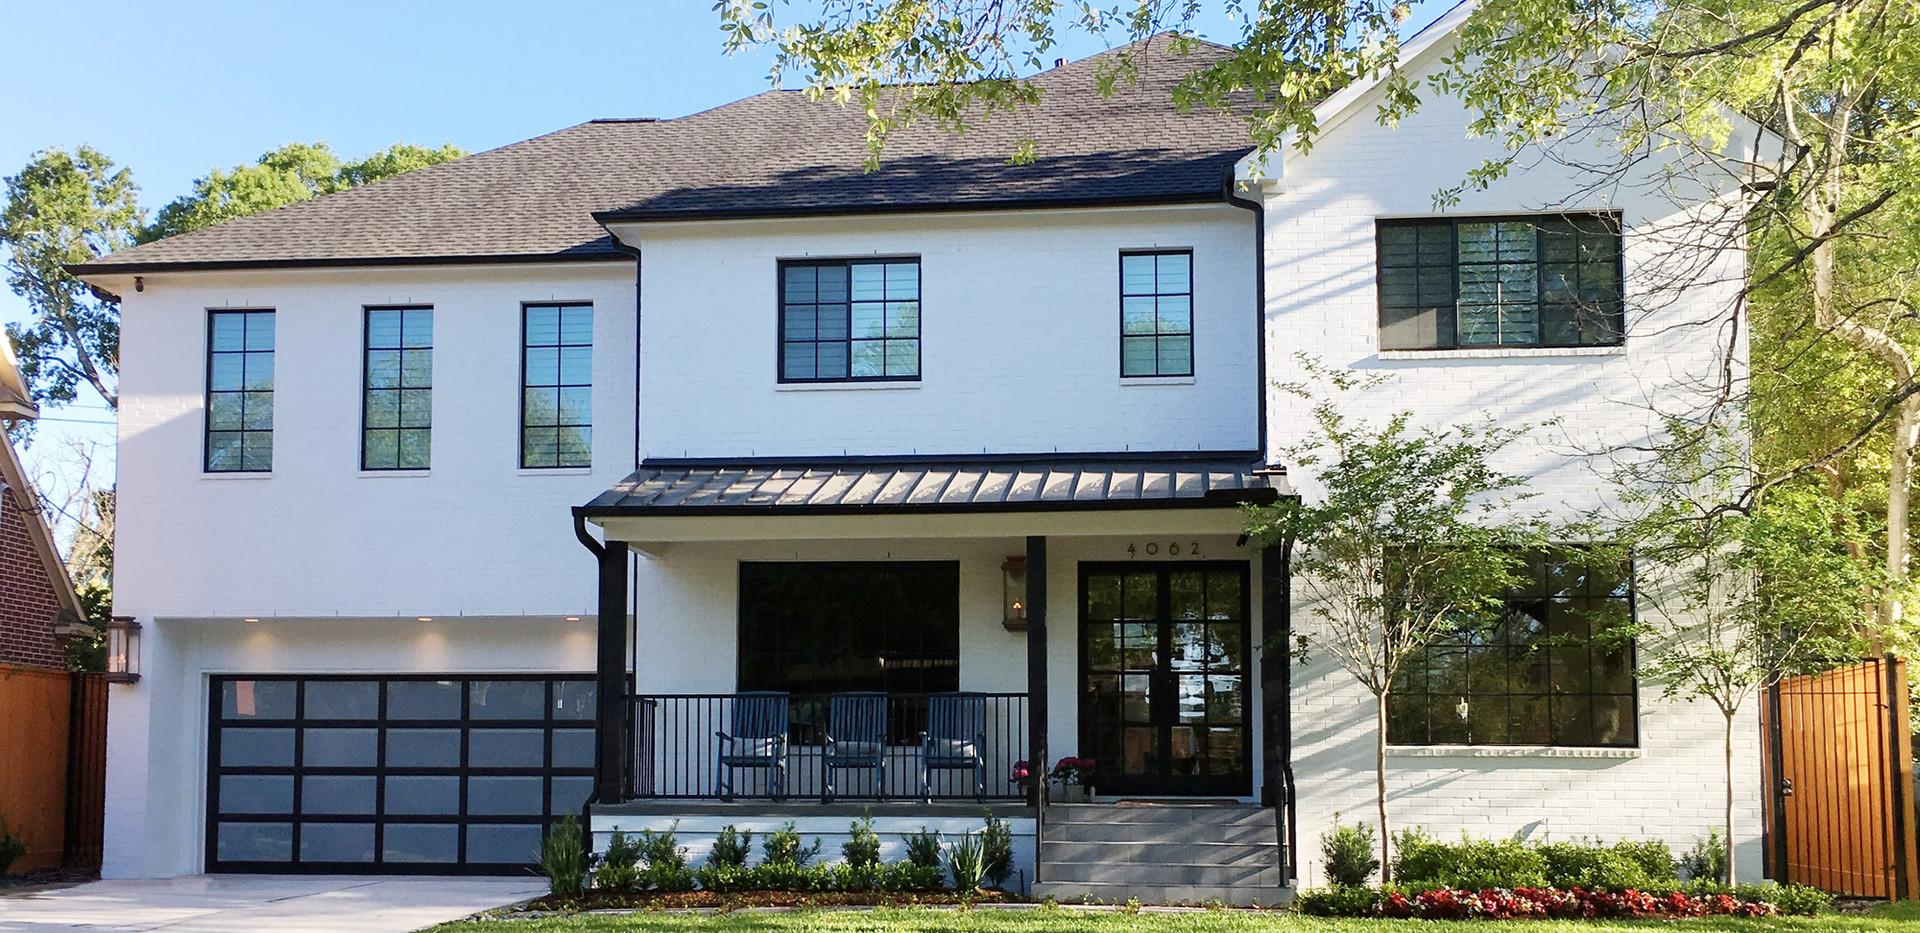 HHouston Residence - Merrick Street